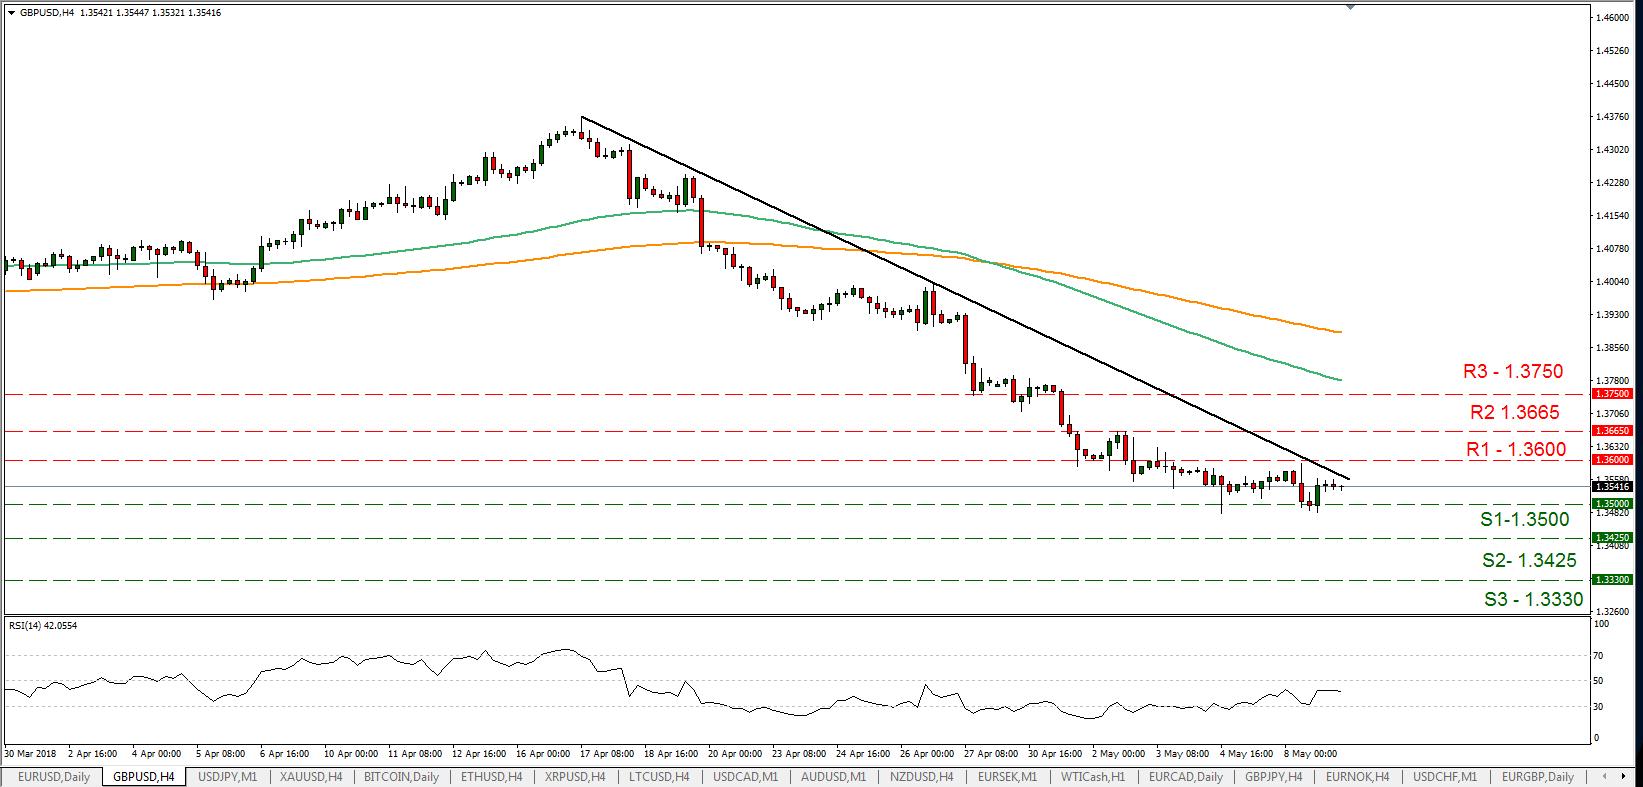 GBP/USD 09/05/2018 | EconAlerts